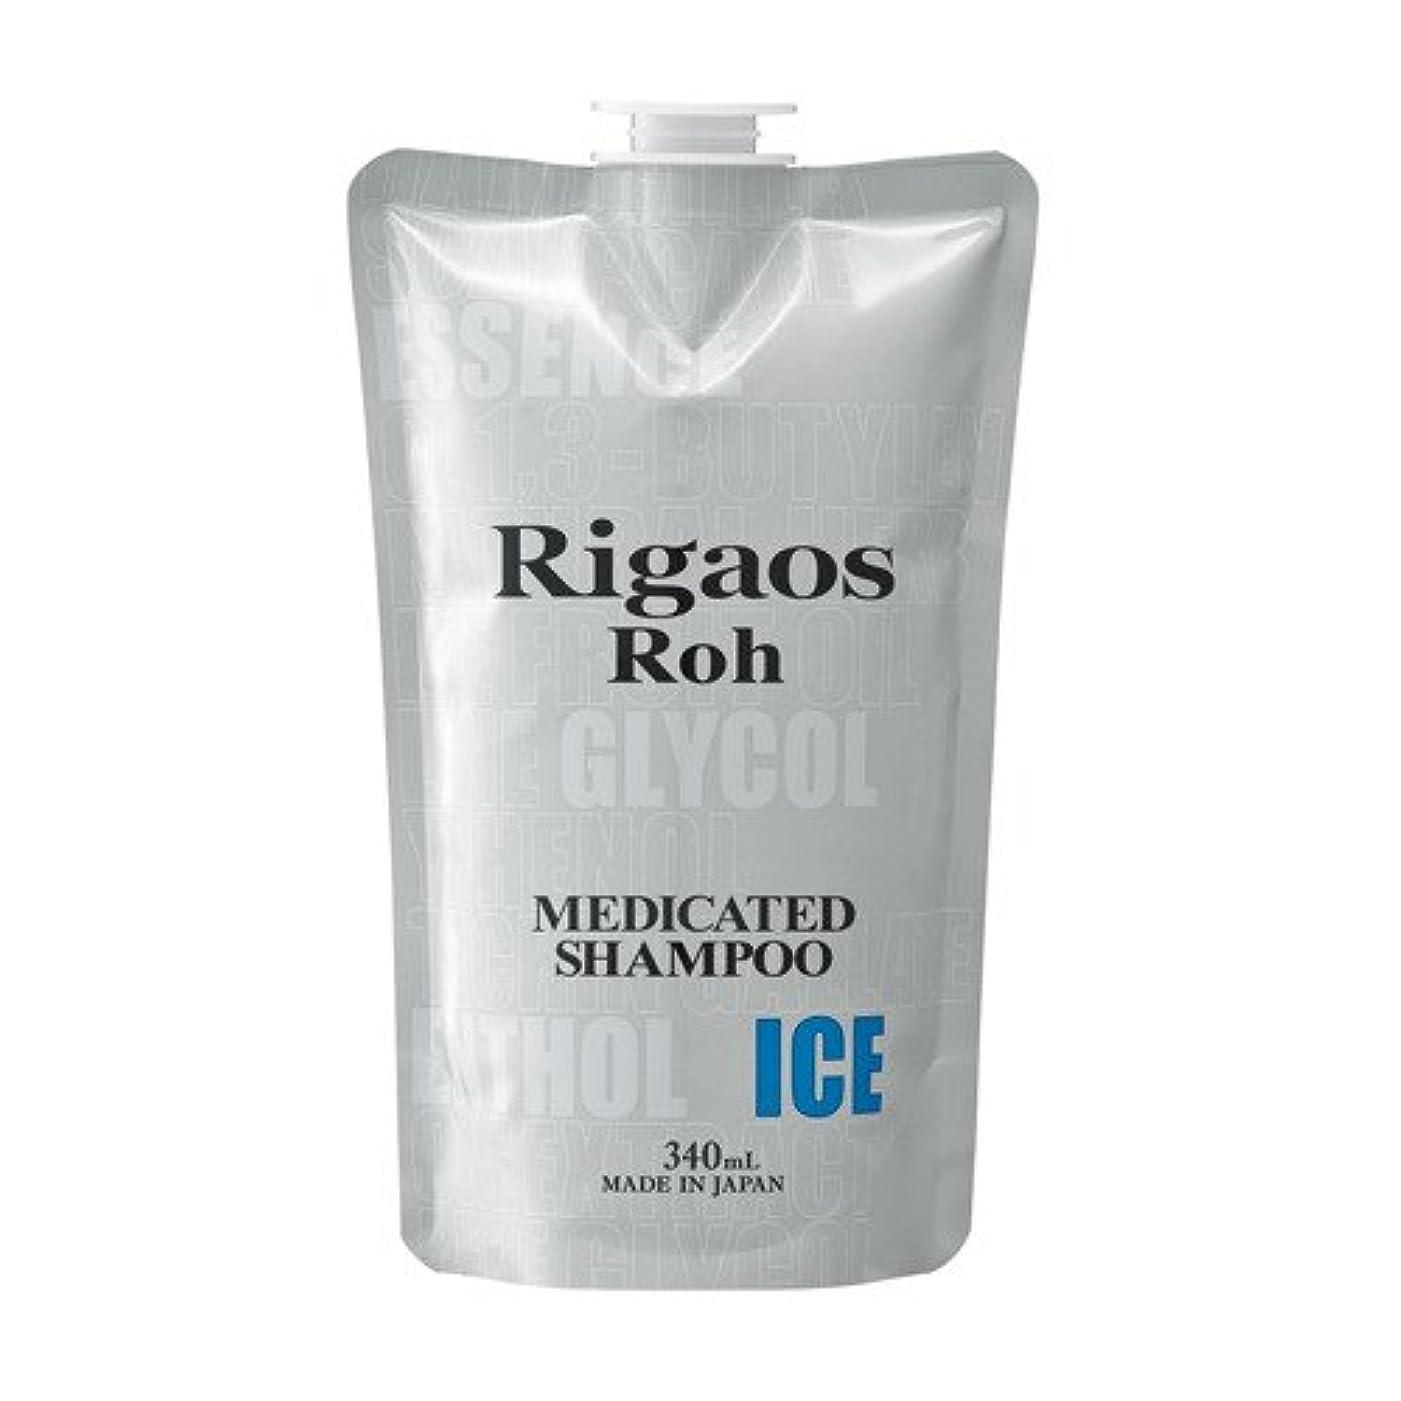 あなたのもの閉じる純粋にリガオス ロー 薬用スカルプケア シャンプー ICE レフィル (340mL) [医薬部外品]